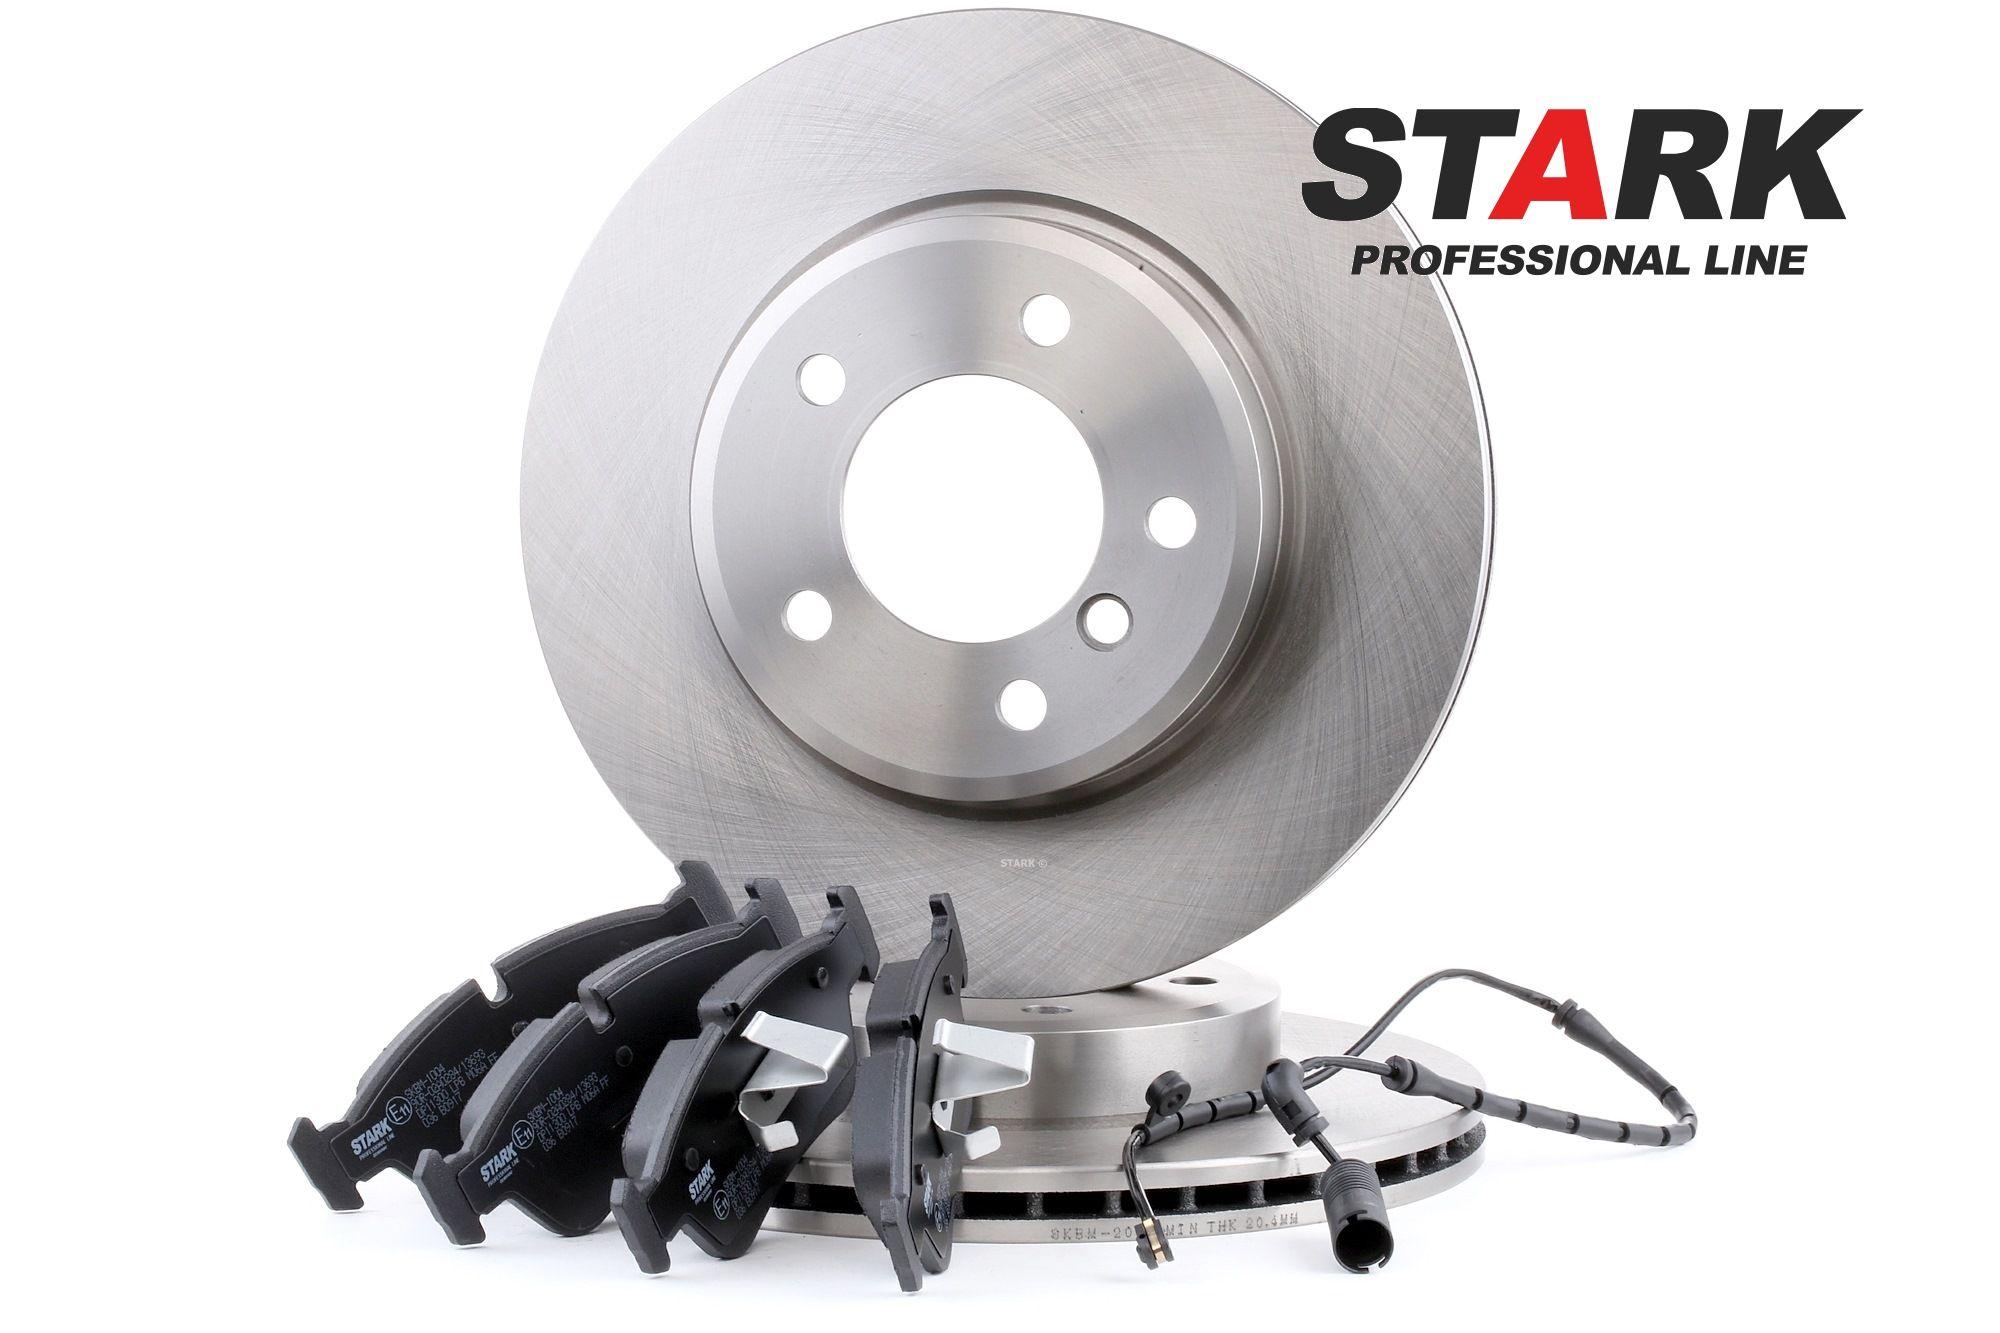 STARK: Original Bremsensatz SKBK-1090336 (Bremsscheibendicke: 22mm)